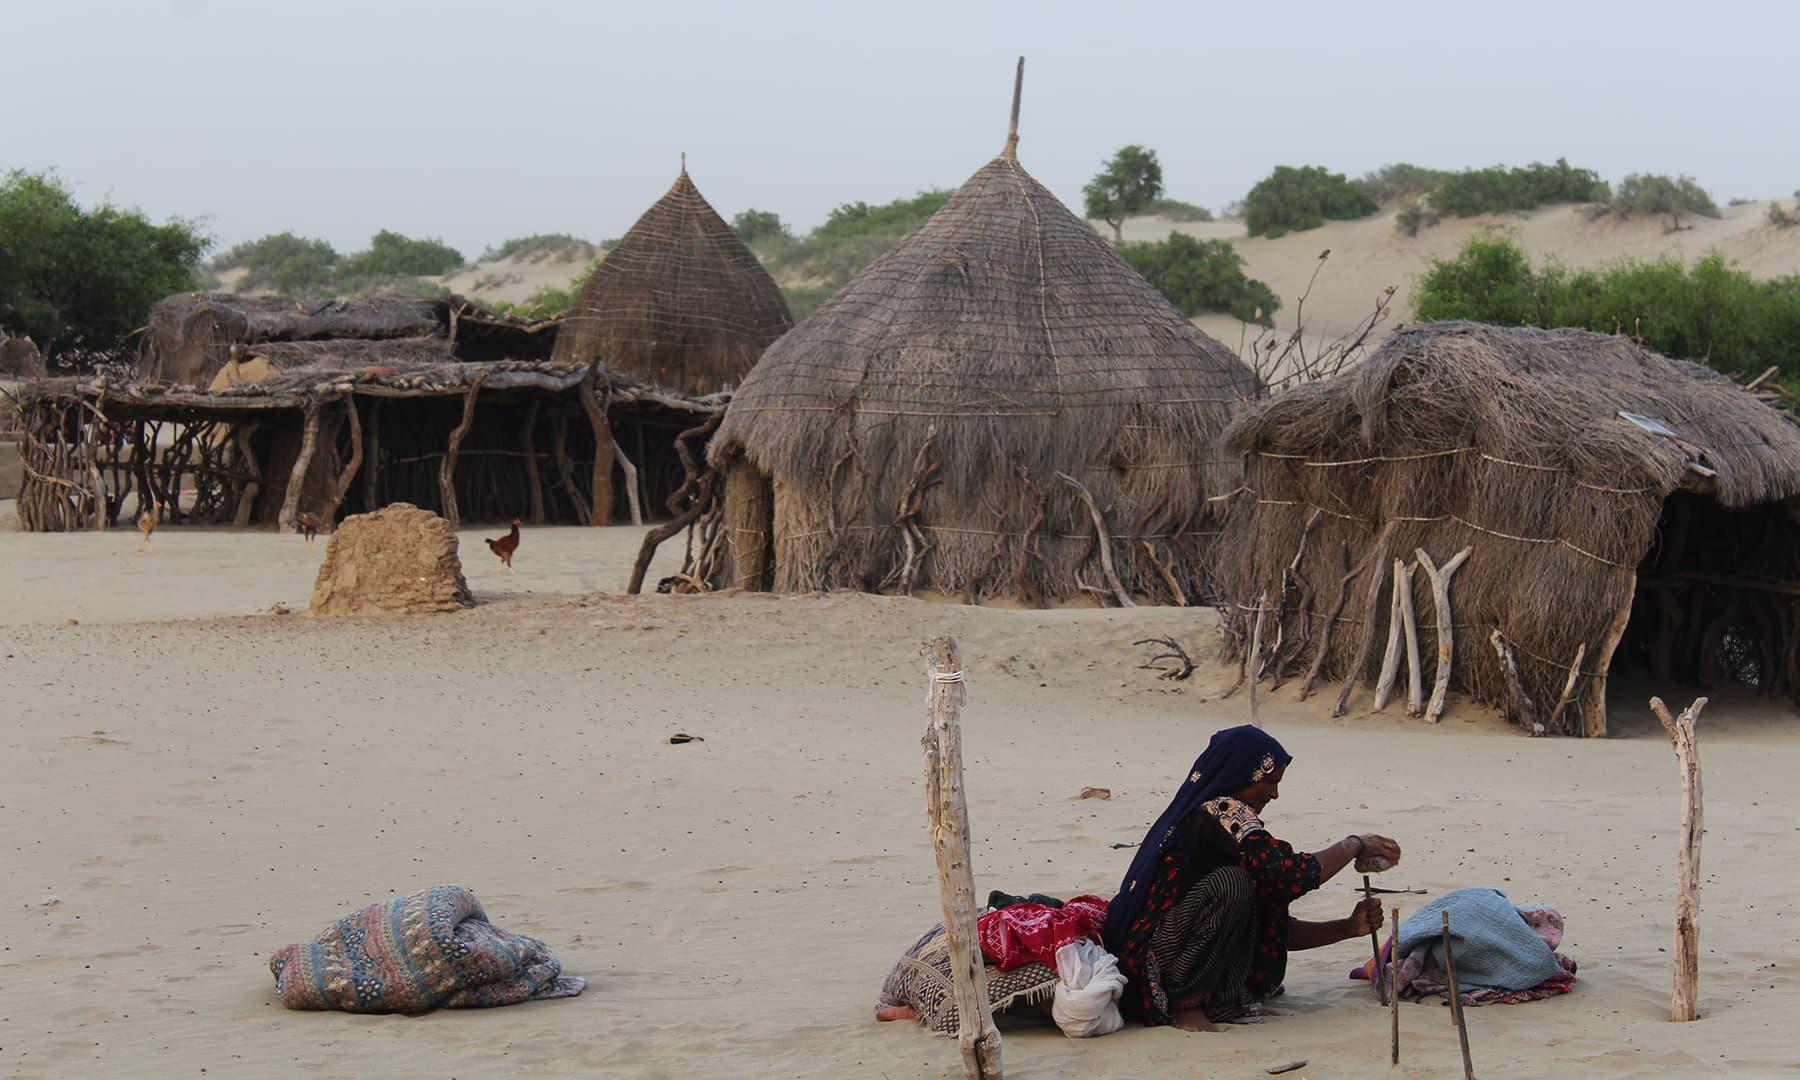 اچھڑو تھر میں واقع بھیل قبیلے کے گھر—تصویر اختر حفیظ